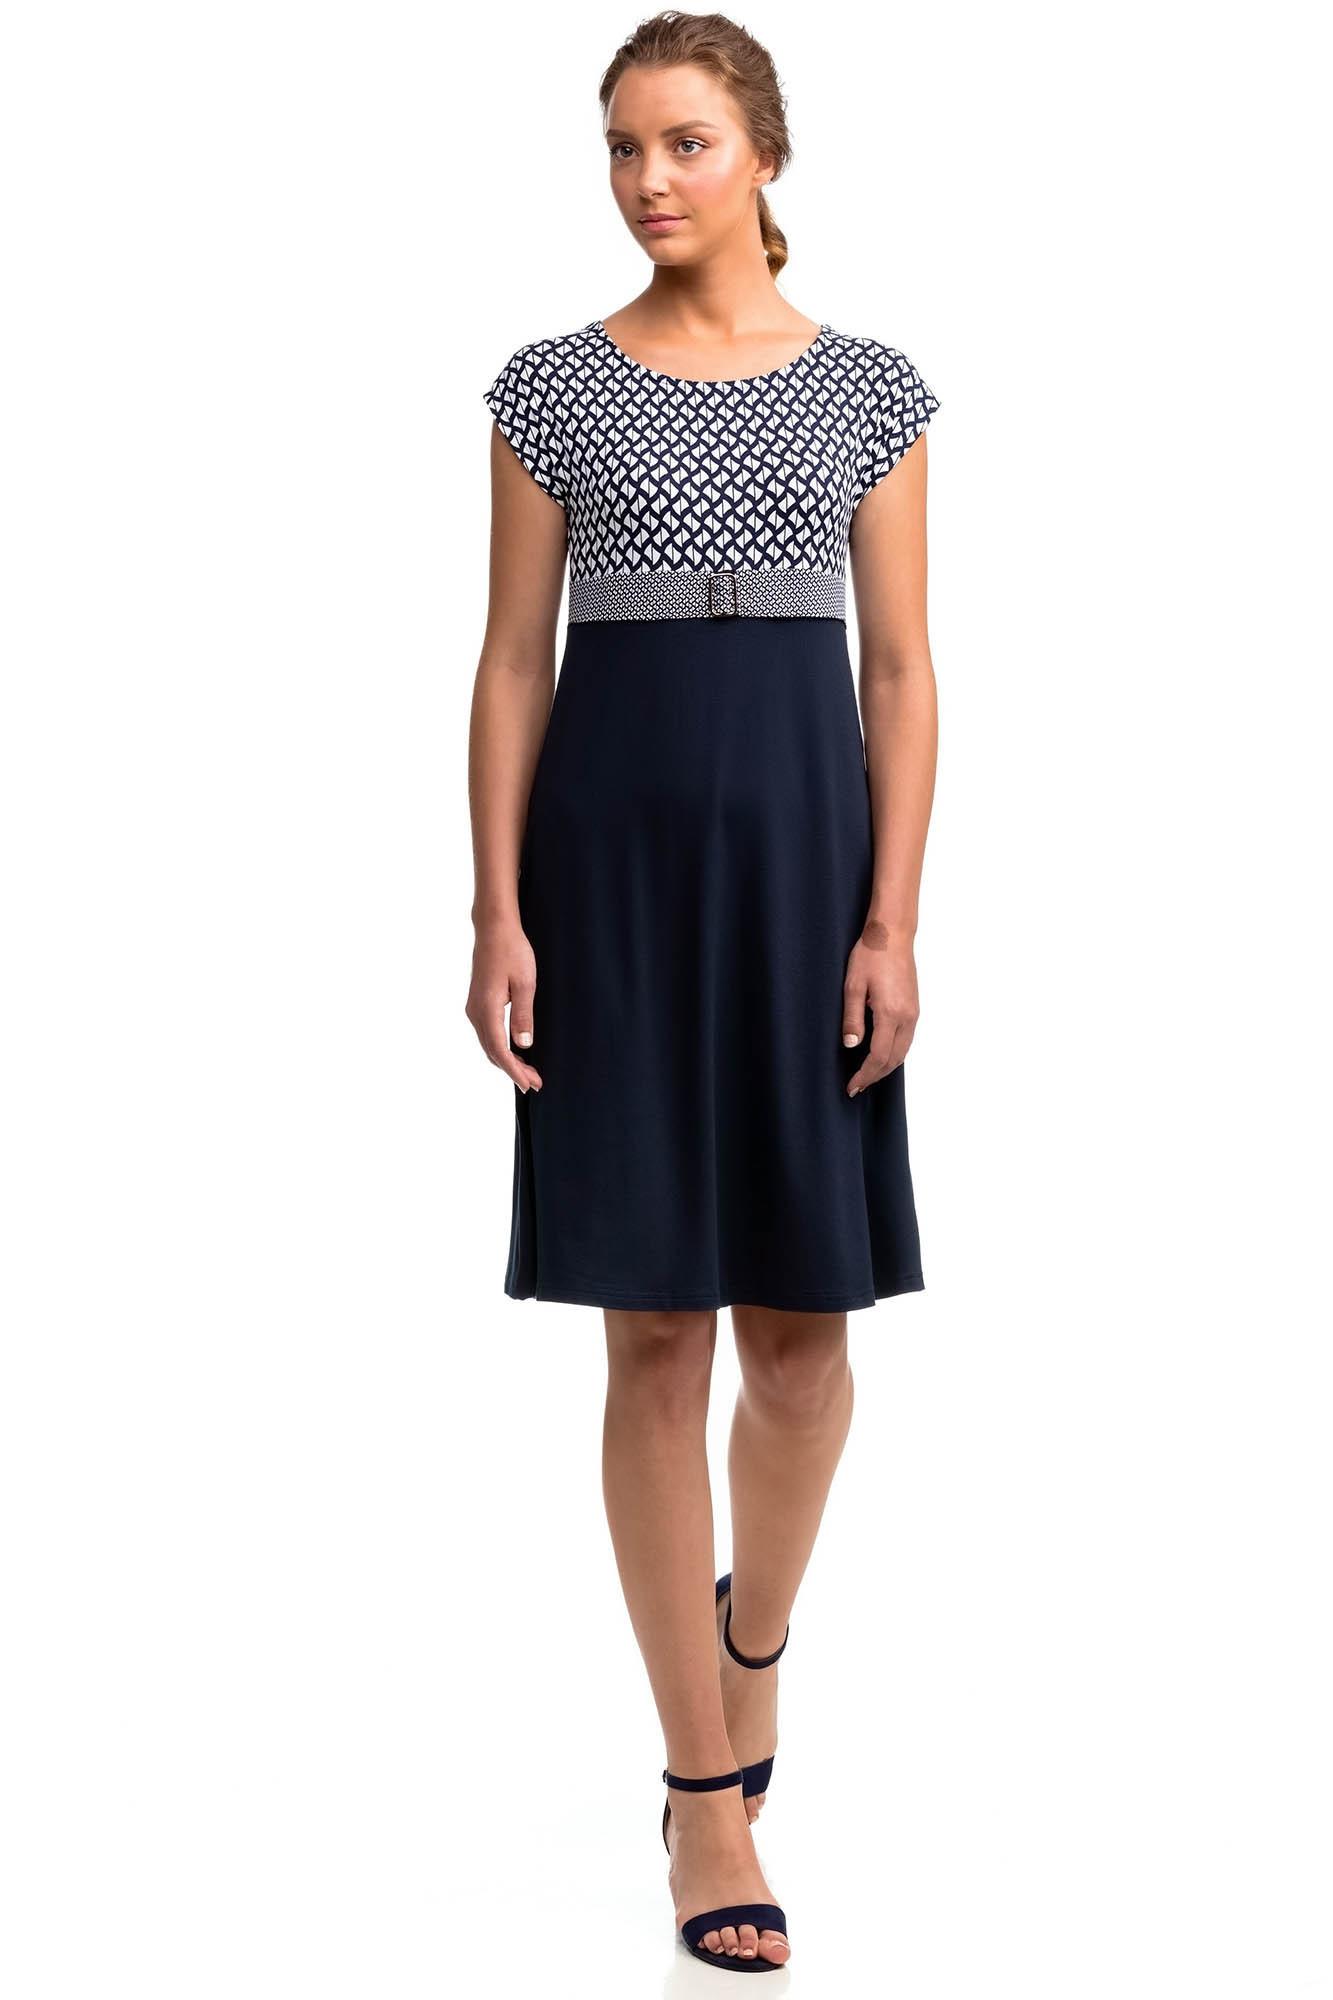 Vamp - Elegantní vzorované dámské šaty BLUE M 14452 - Vamp